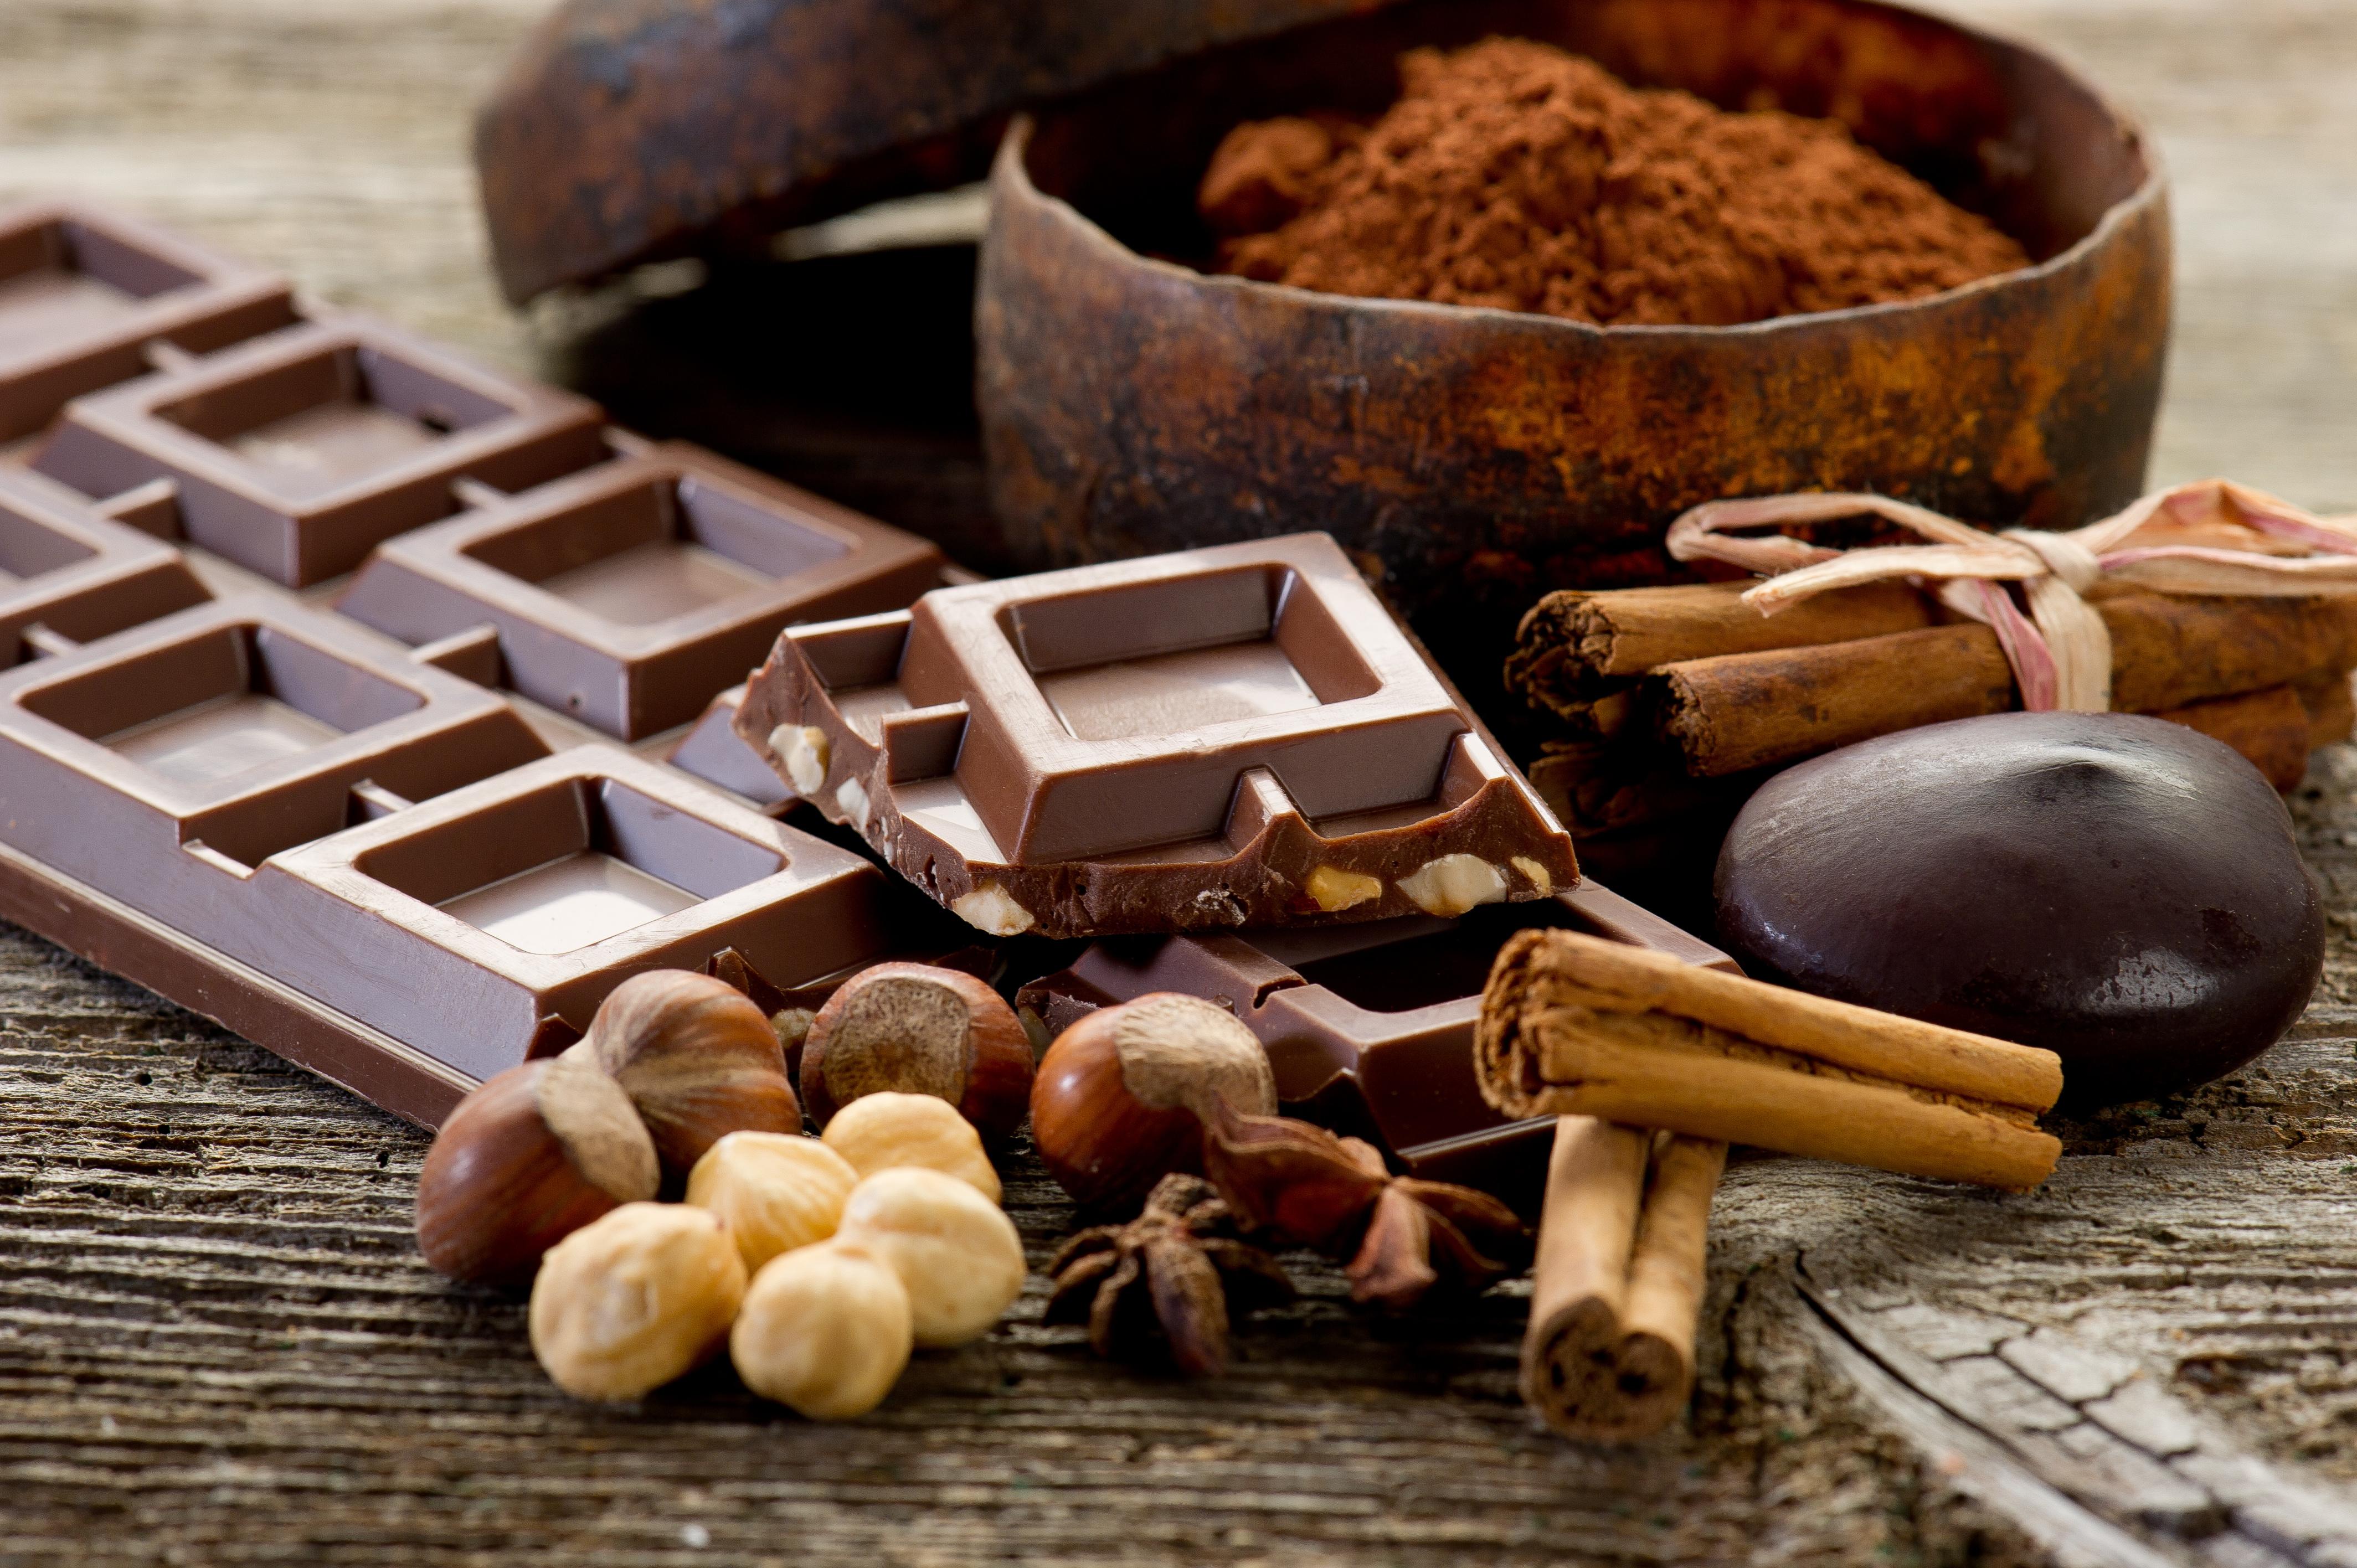 Cioccolato Addio Pianta Di Cacao A Rischio Estinzione Nel 2050